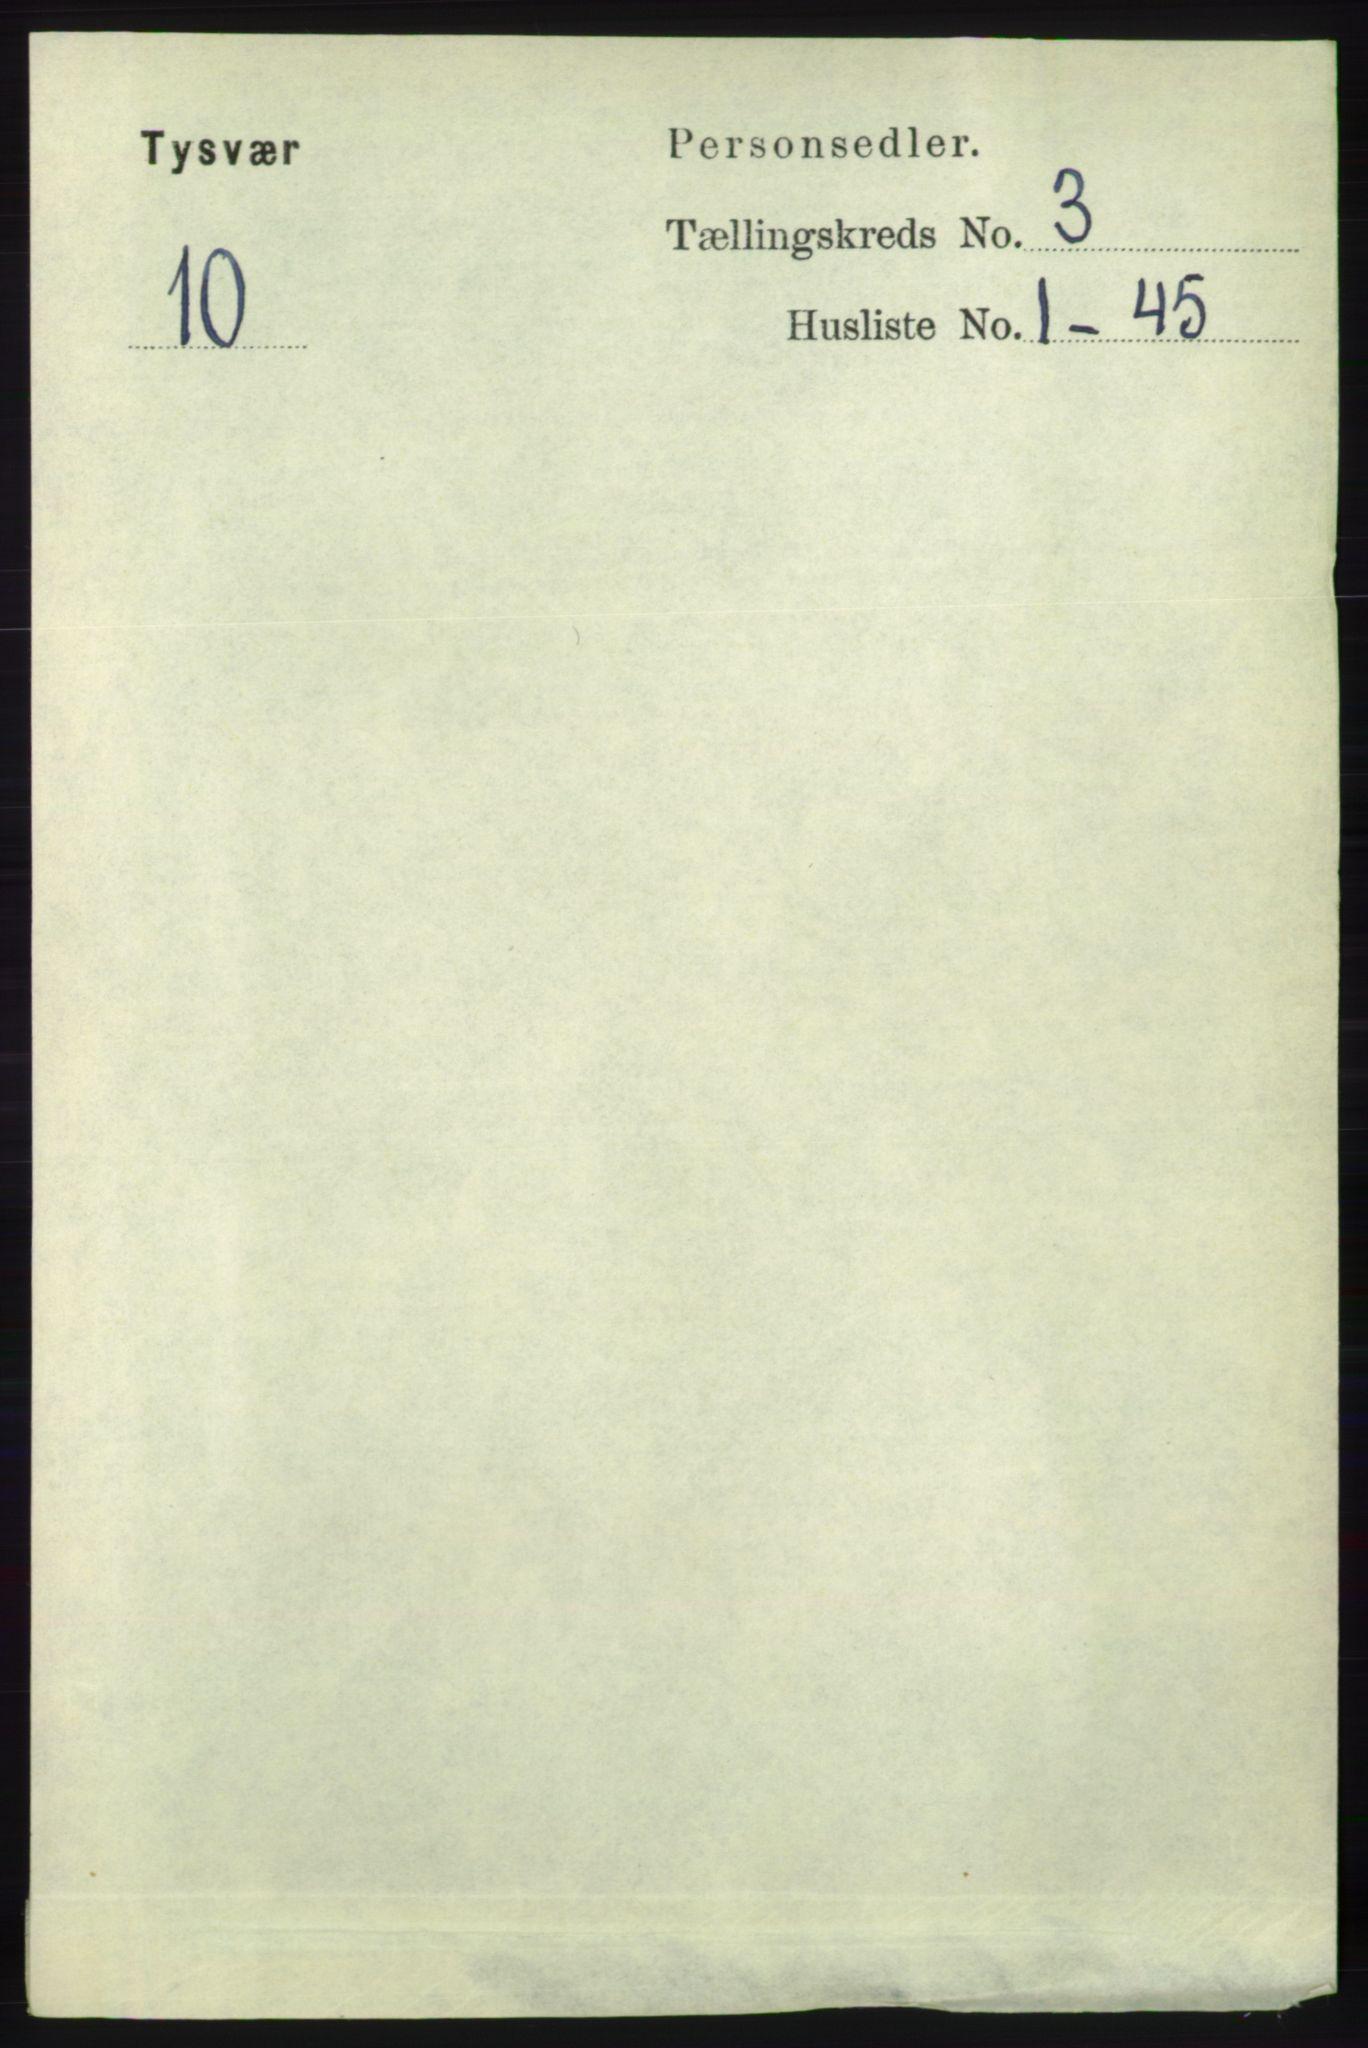 RA, Folketelling 1891 for 1146 Tysvær herred, 1891, s. 1229